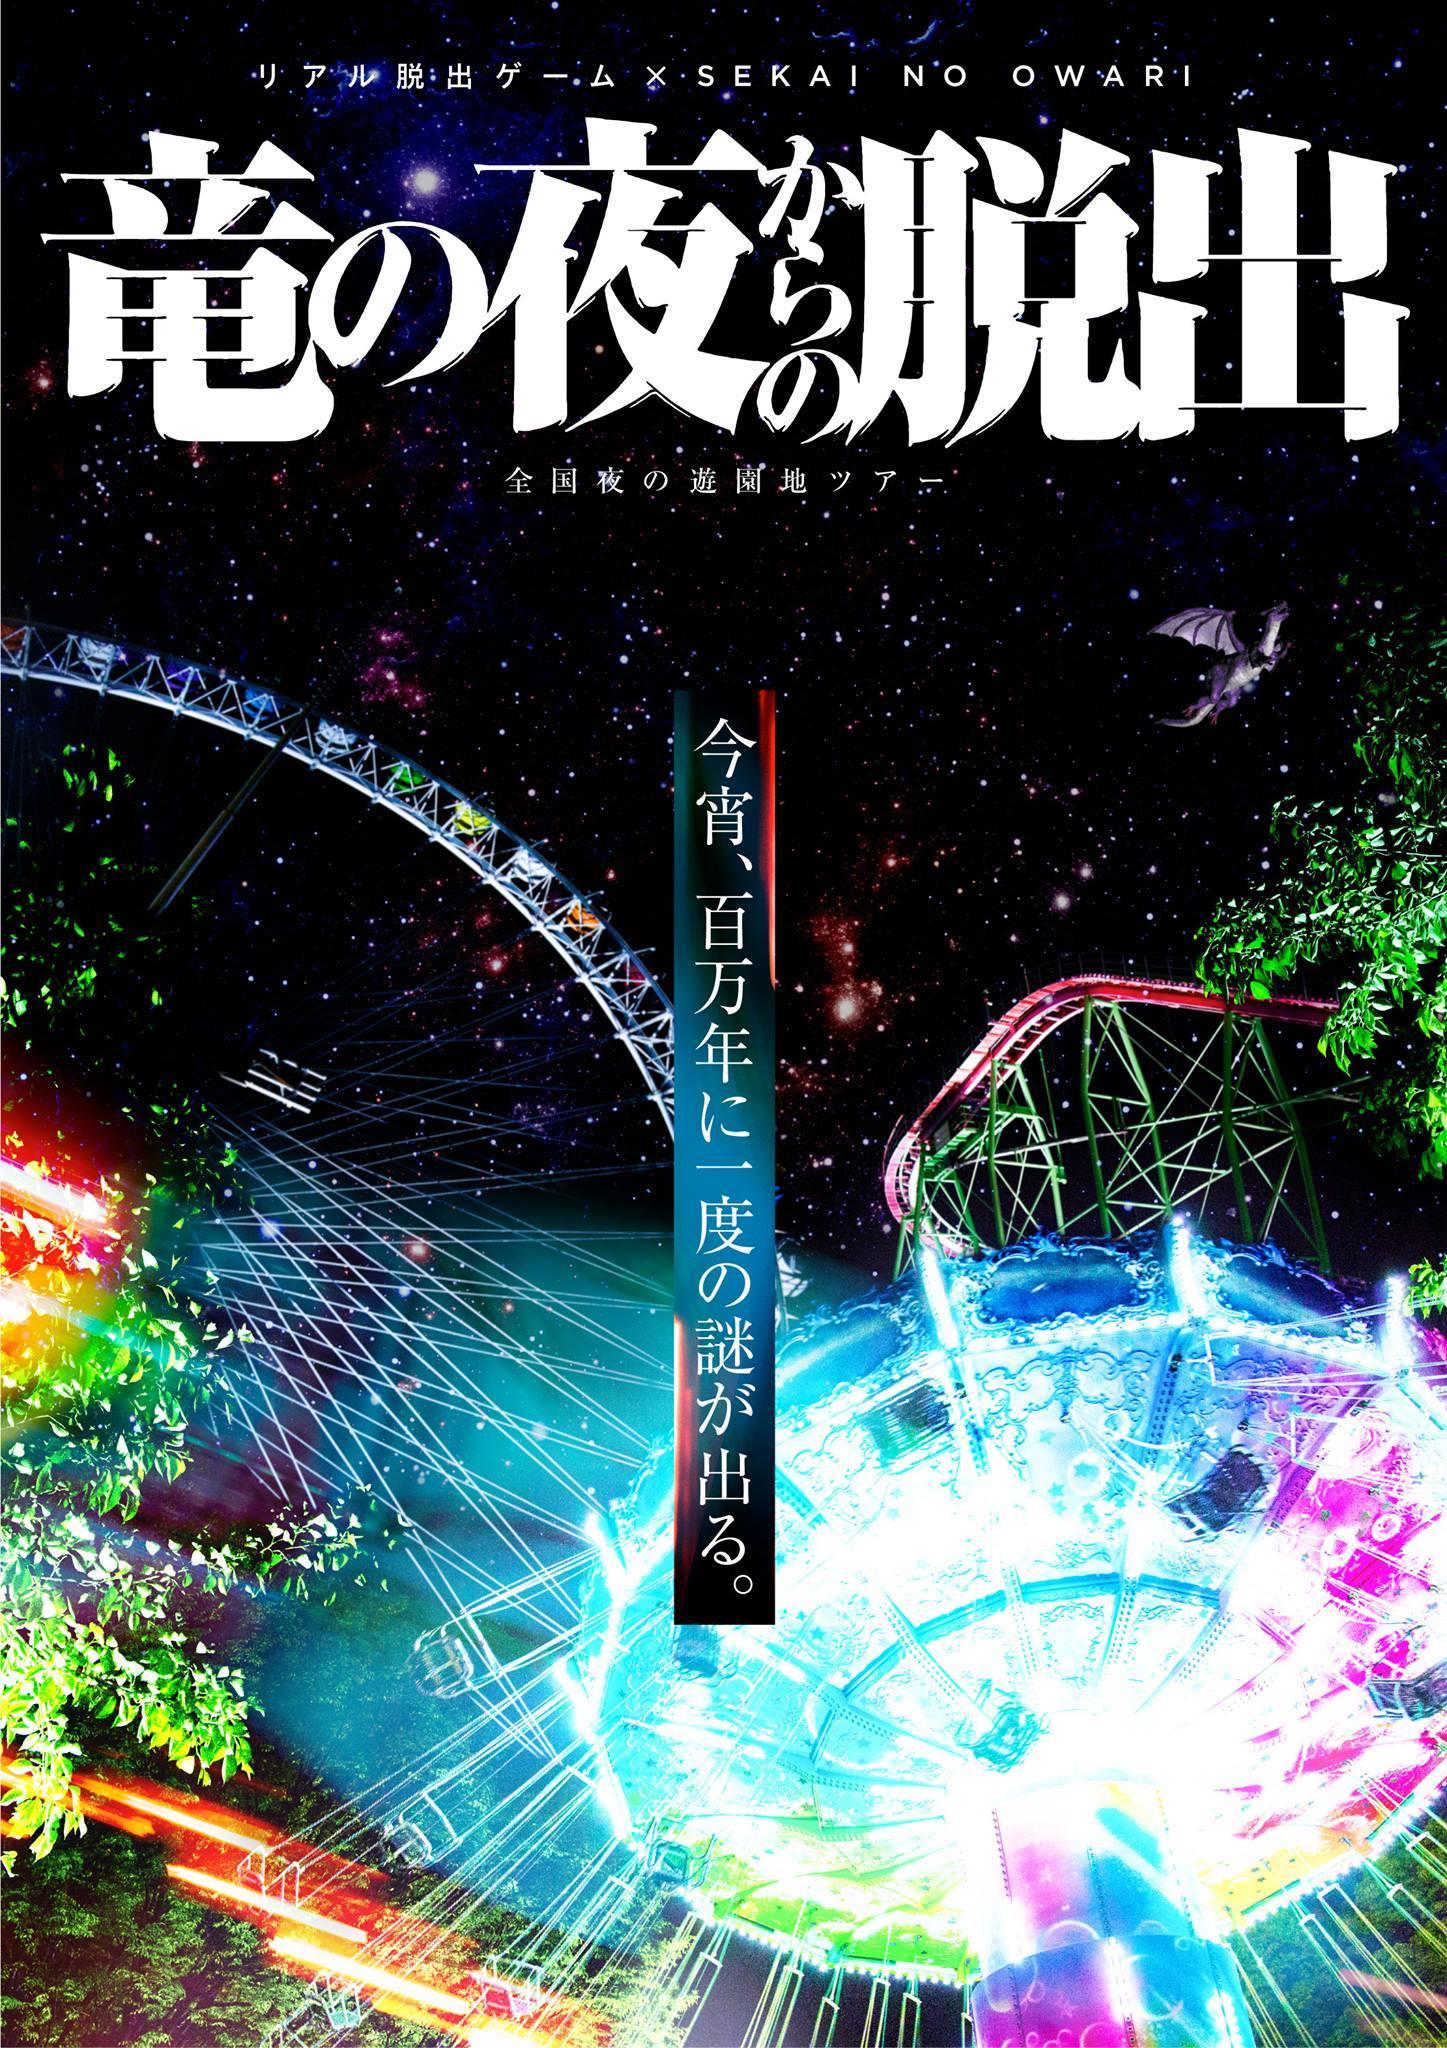 リアル脱出ゲーム×SEKAI NO OWARI「竜の夜からの脱出 ー今宵、百万年に一度の謎が出る。ー」